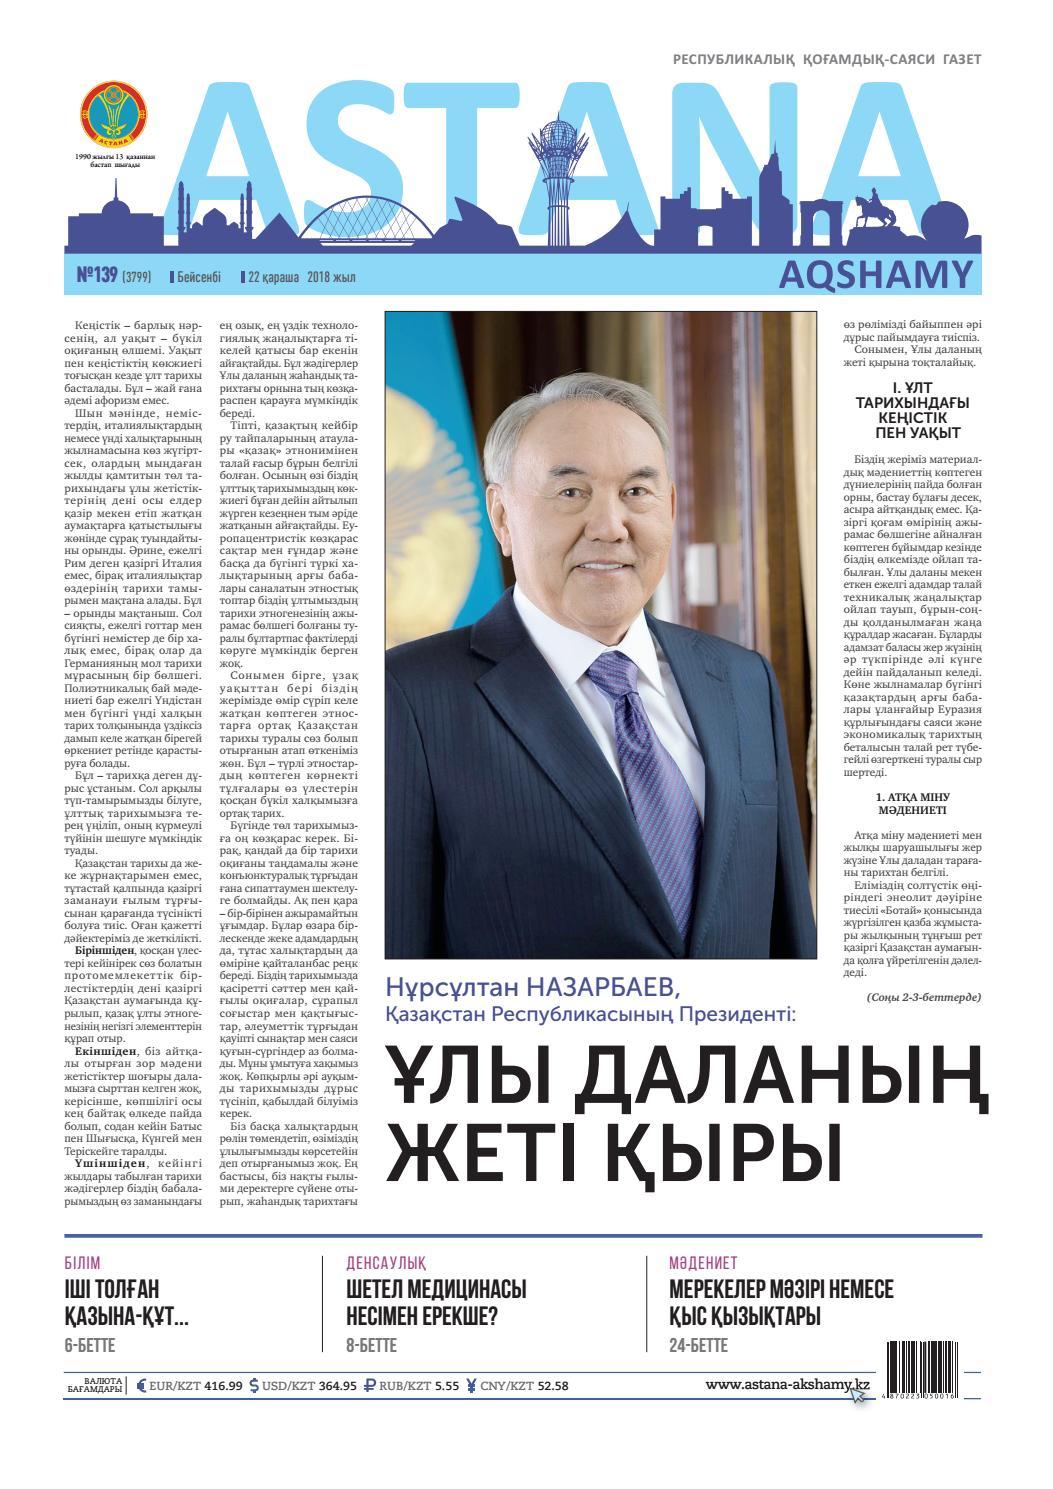 Онлайн казино Беларусь ақша үшін